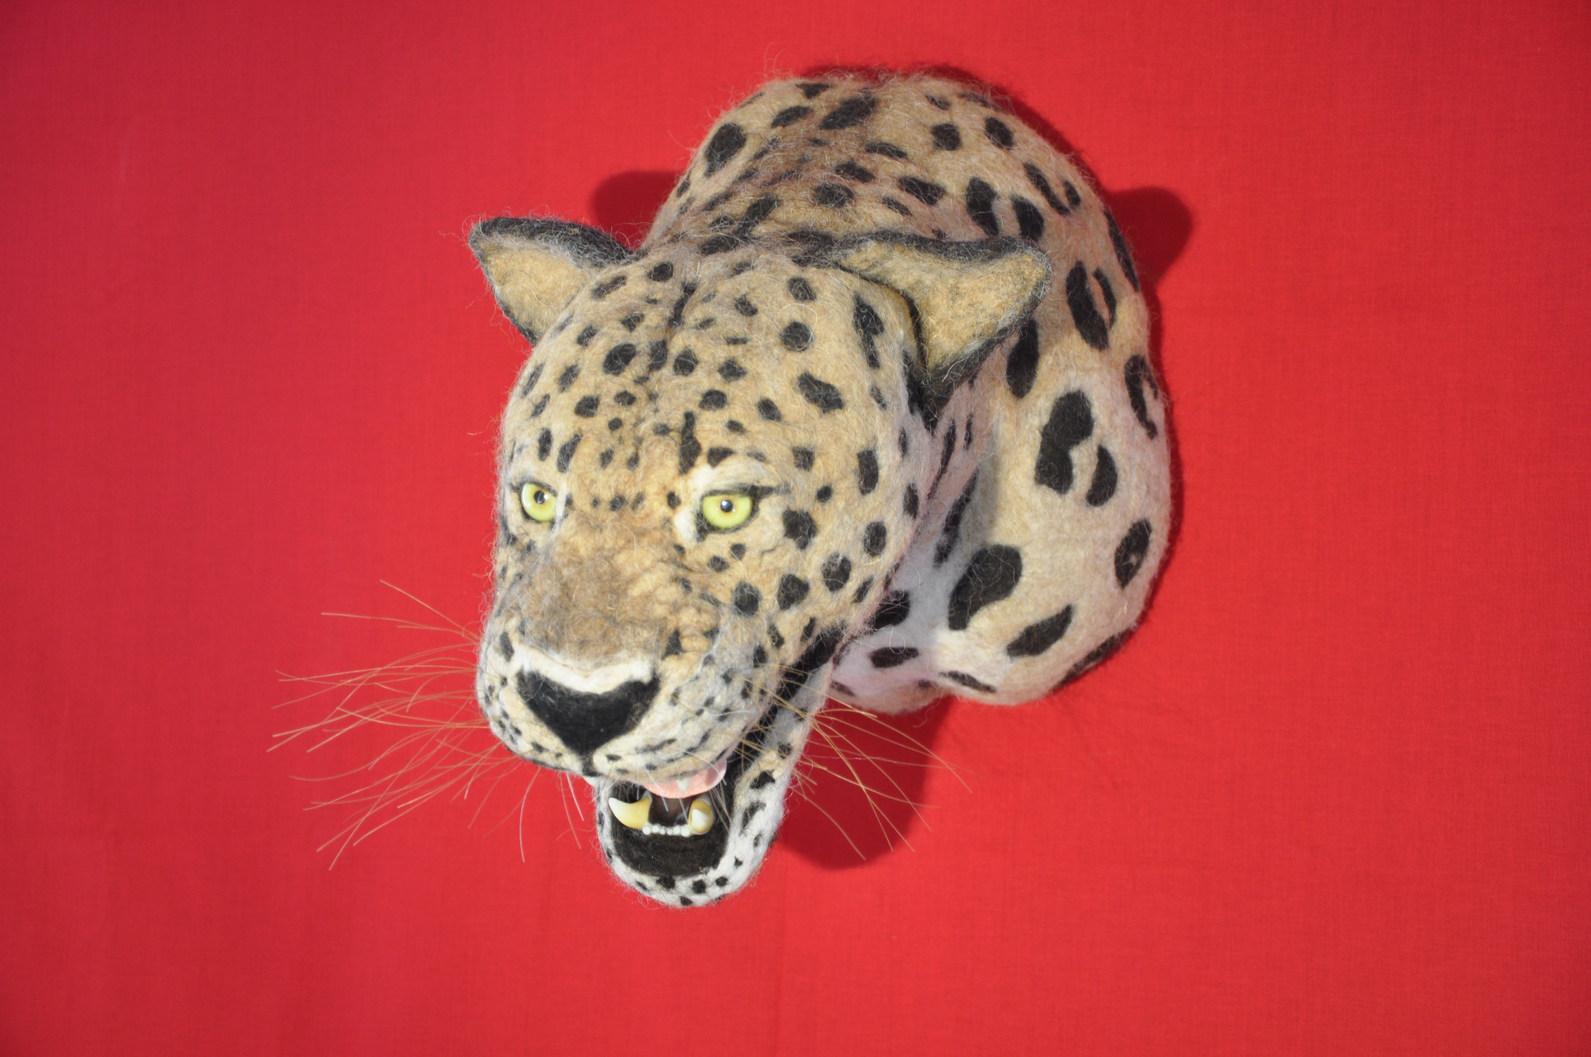 Gepard. inkl. Zunge, Zähne, Schnurrhaare. Miau.